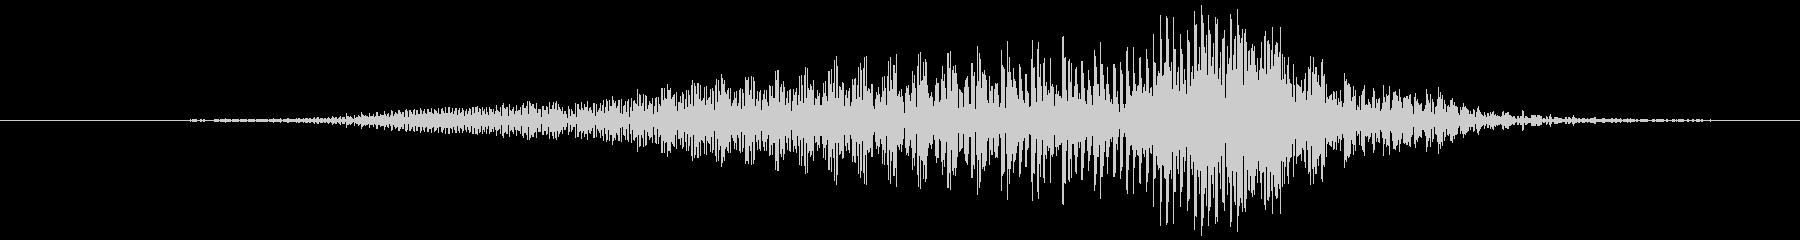 鳴き声 男性のアタック06の未再生の波形